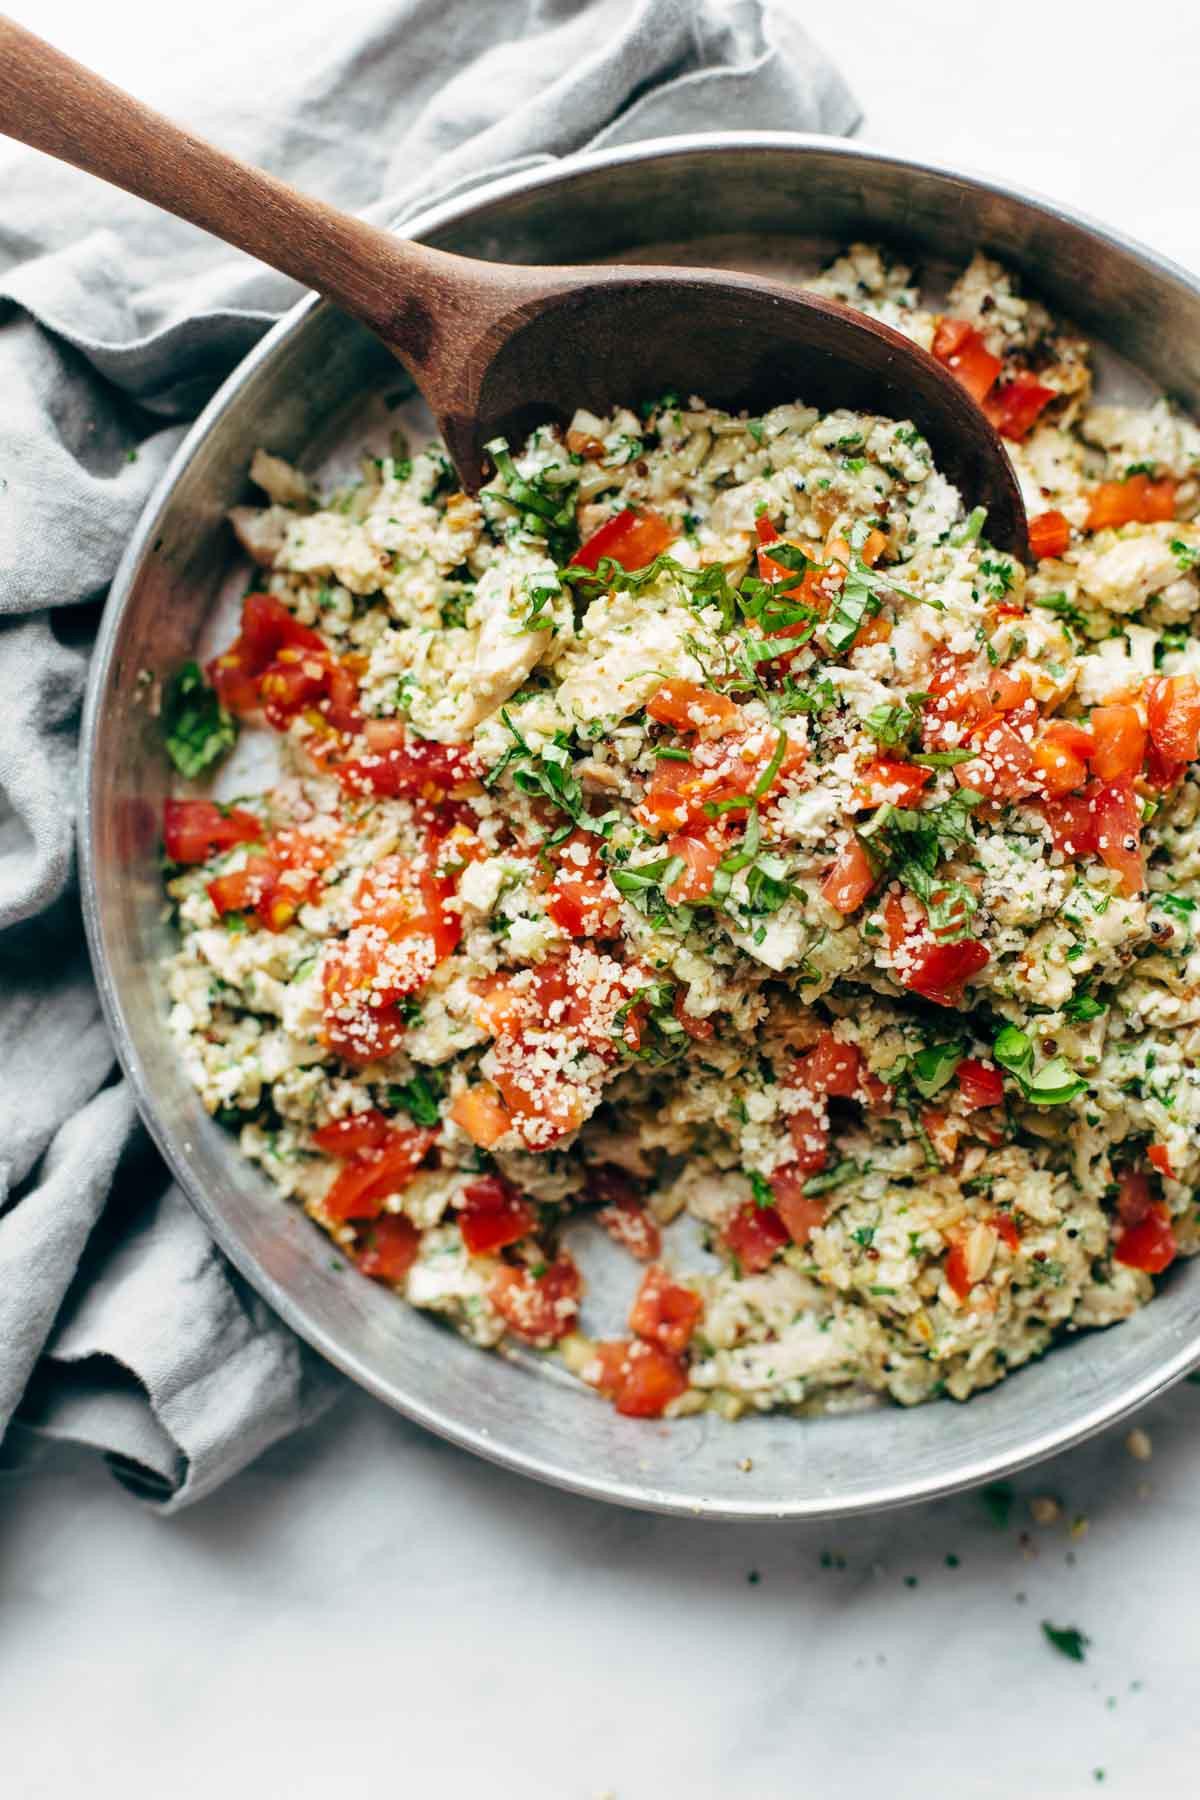 Chicken Salad Healthy  Healthy Garlic Herb Chicken Salad Recipe Pinch of Yum